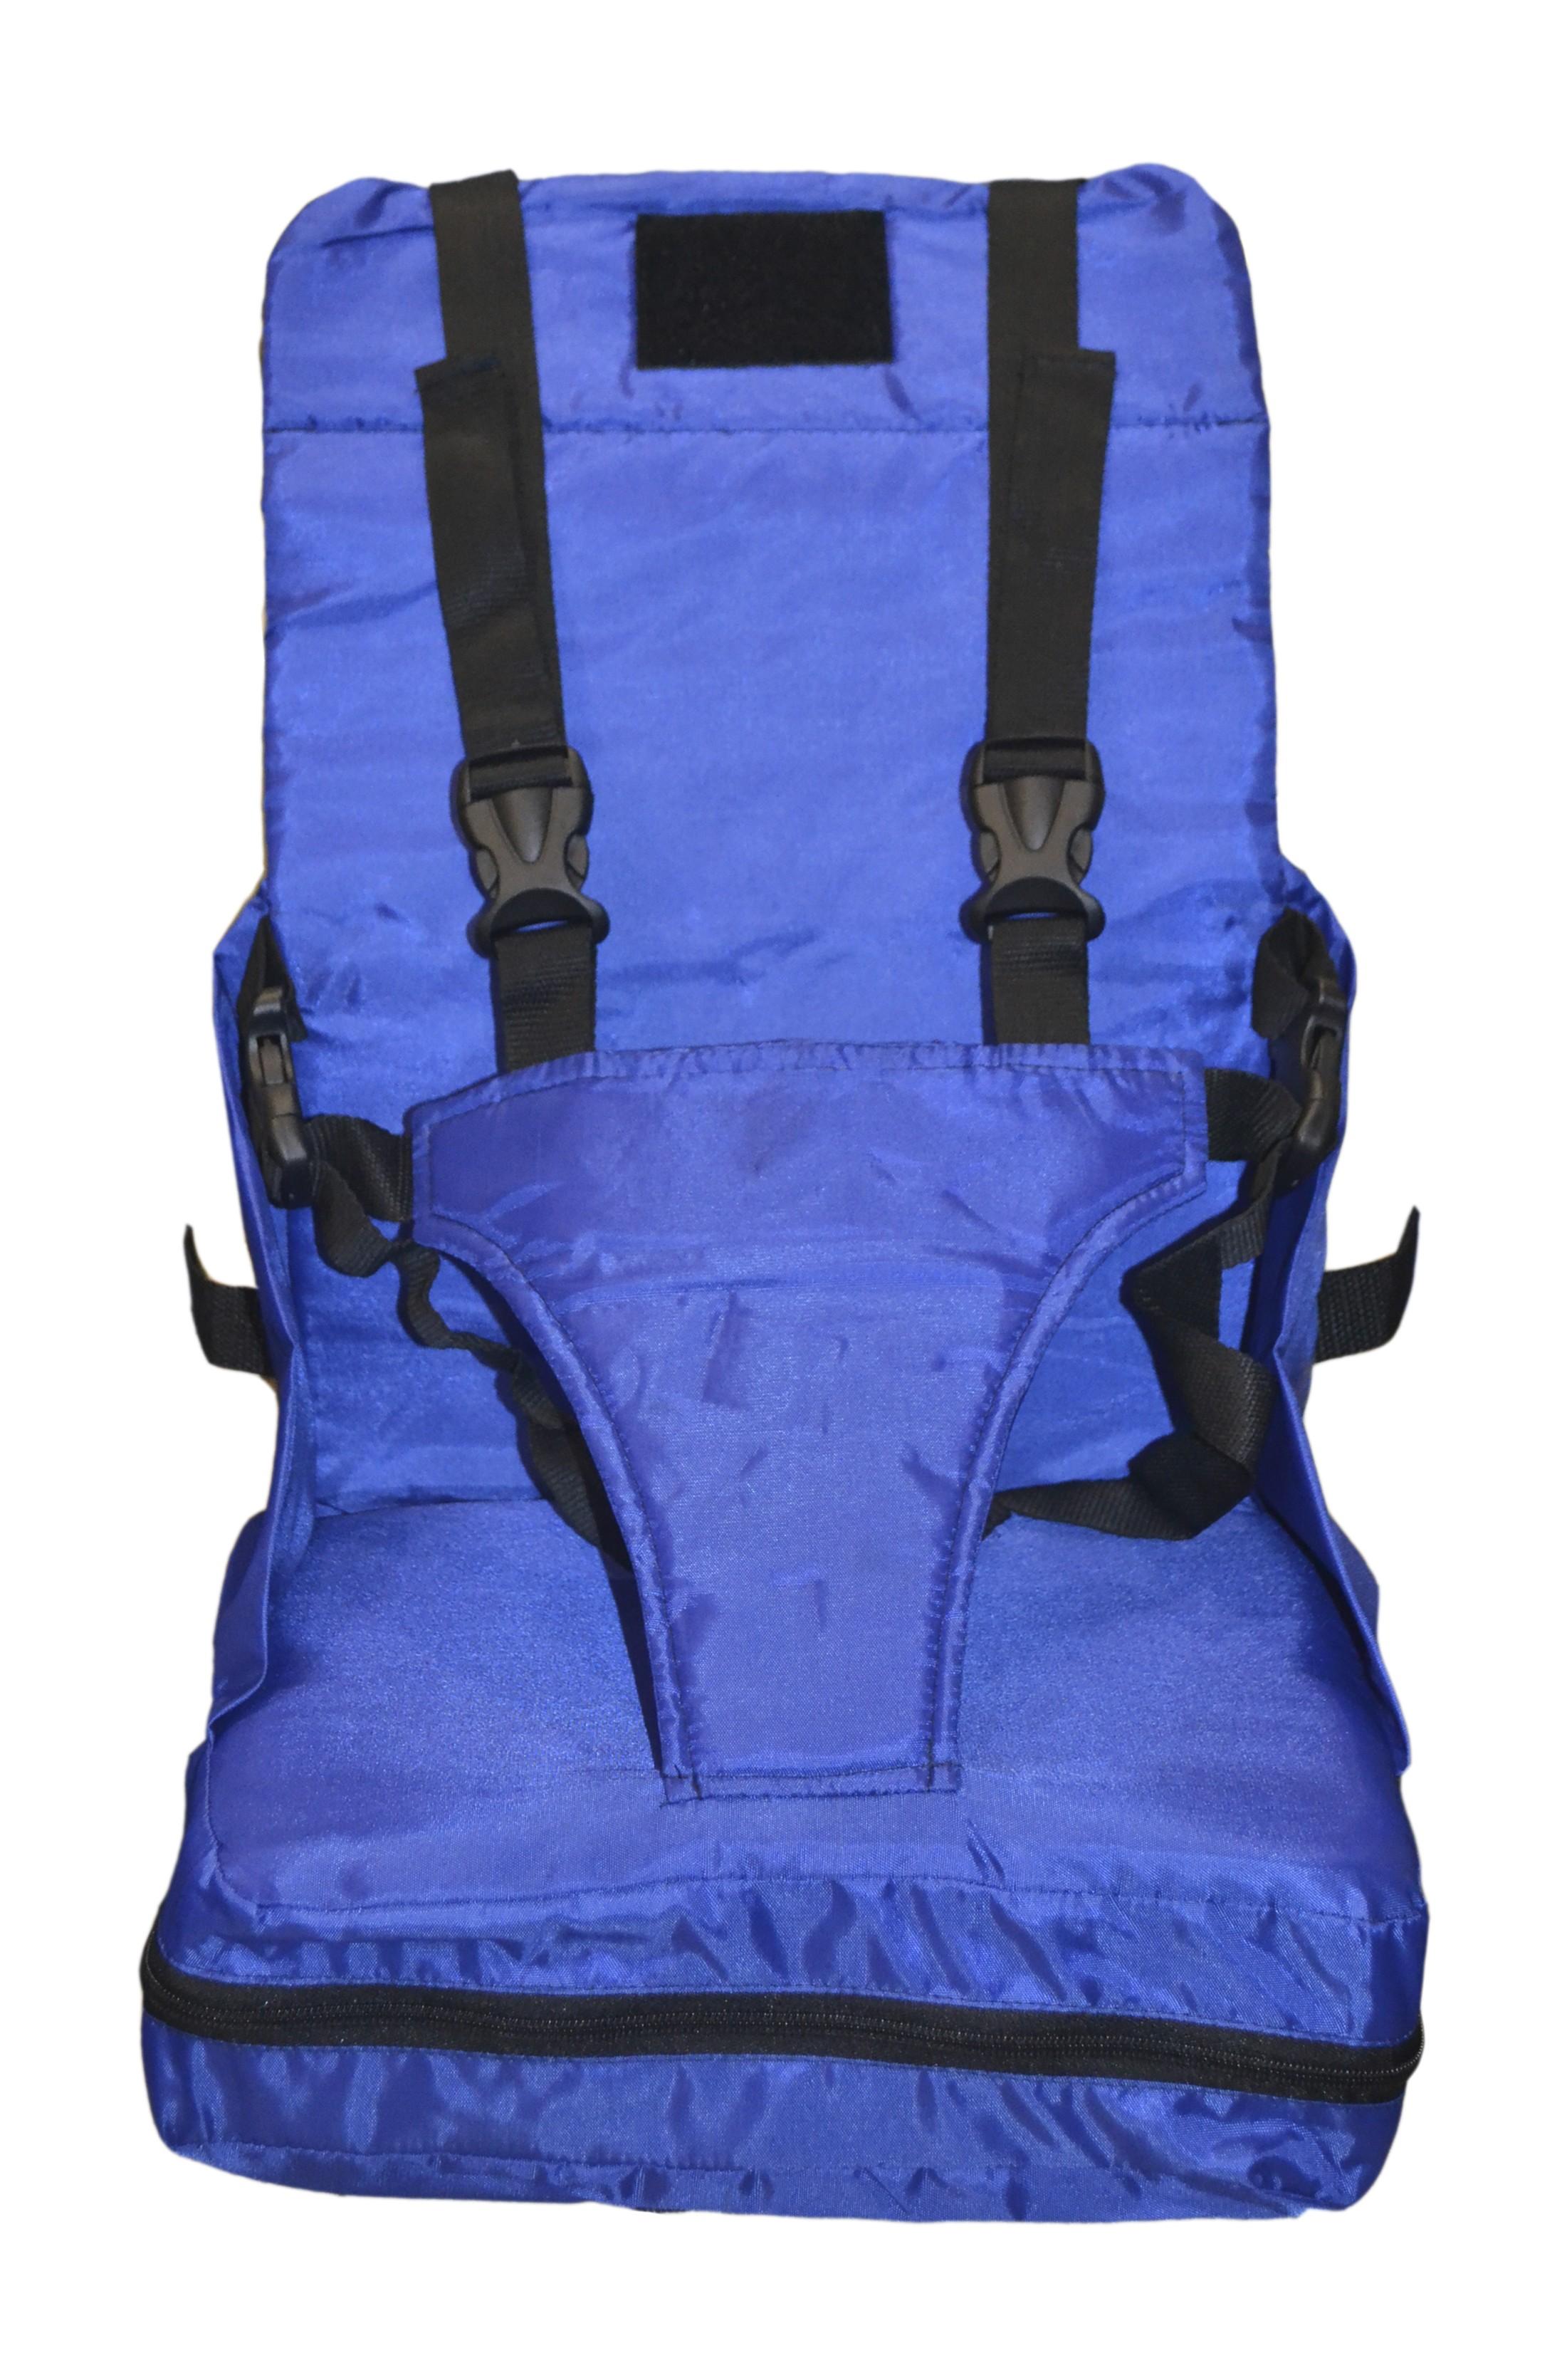 Стульчик для кормления Мирти Стульчик-бустер для кормления TravelSeat синий стульчик для кормления липецк